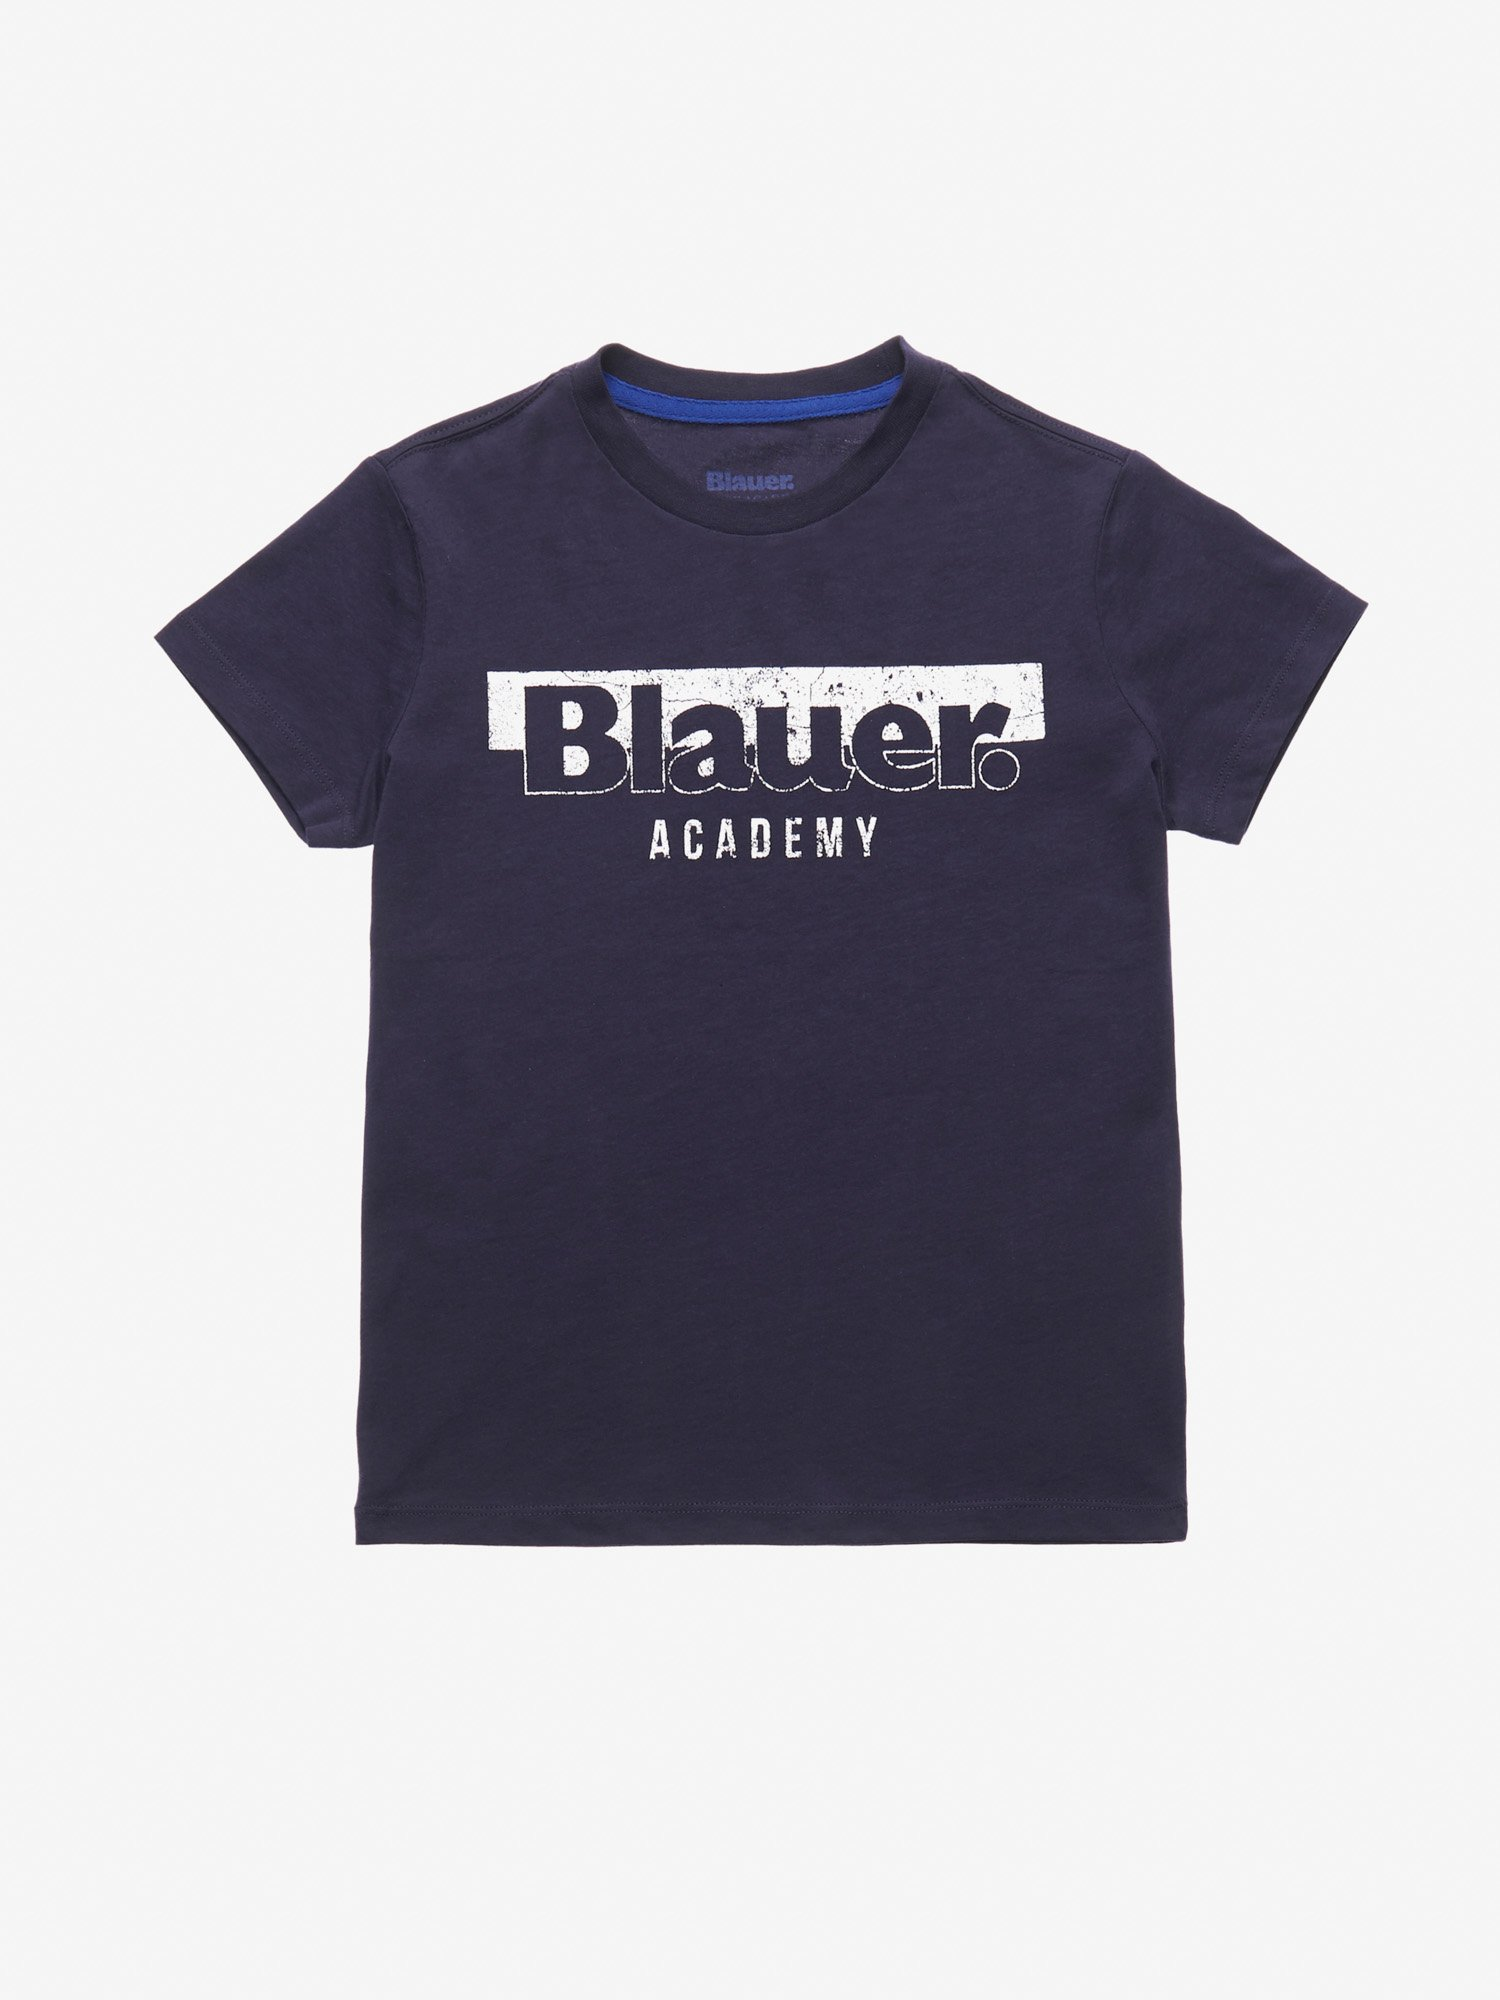 Blauer - JUNIOR BLAUER ACADEMY T-SHIRT - blue - Blauer